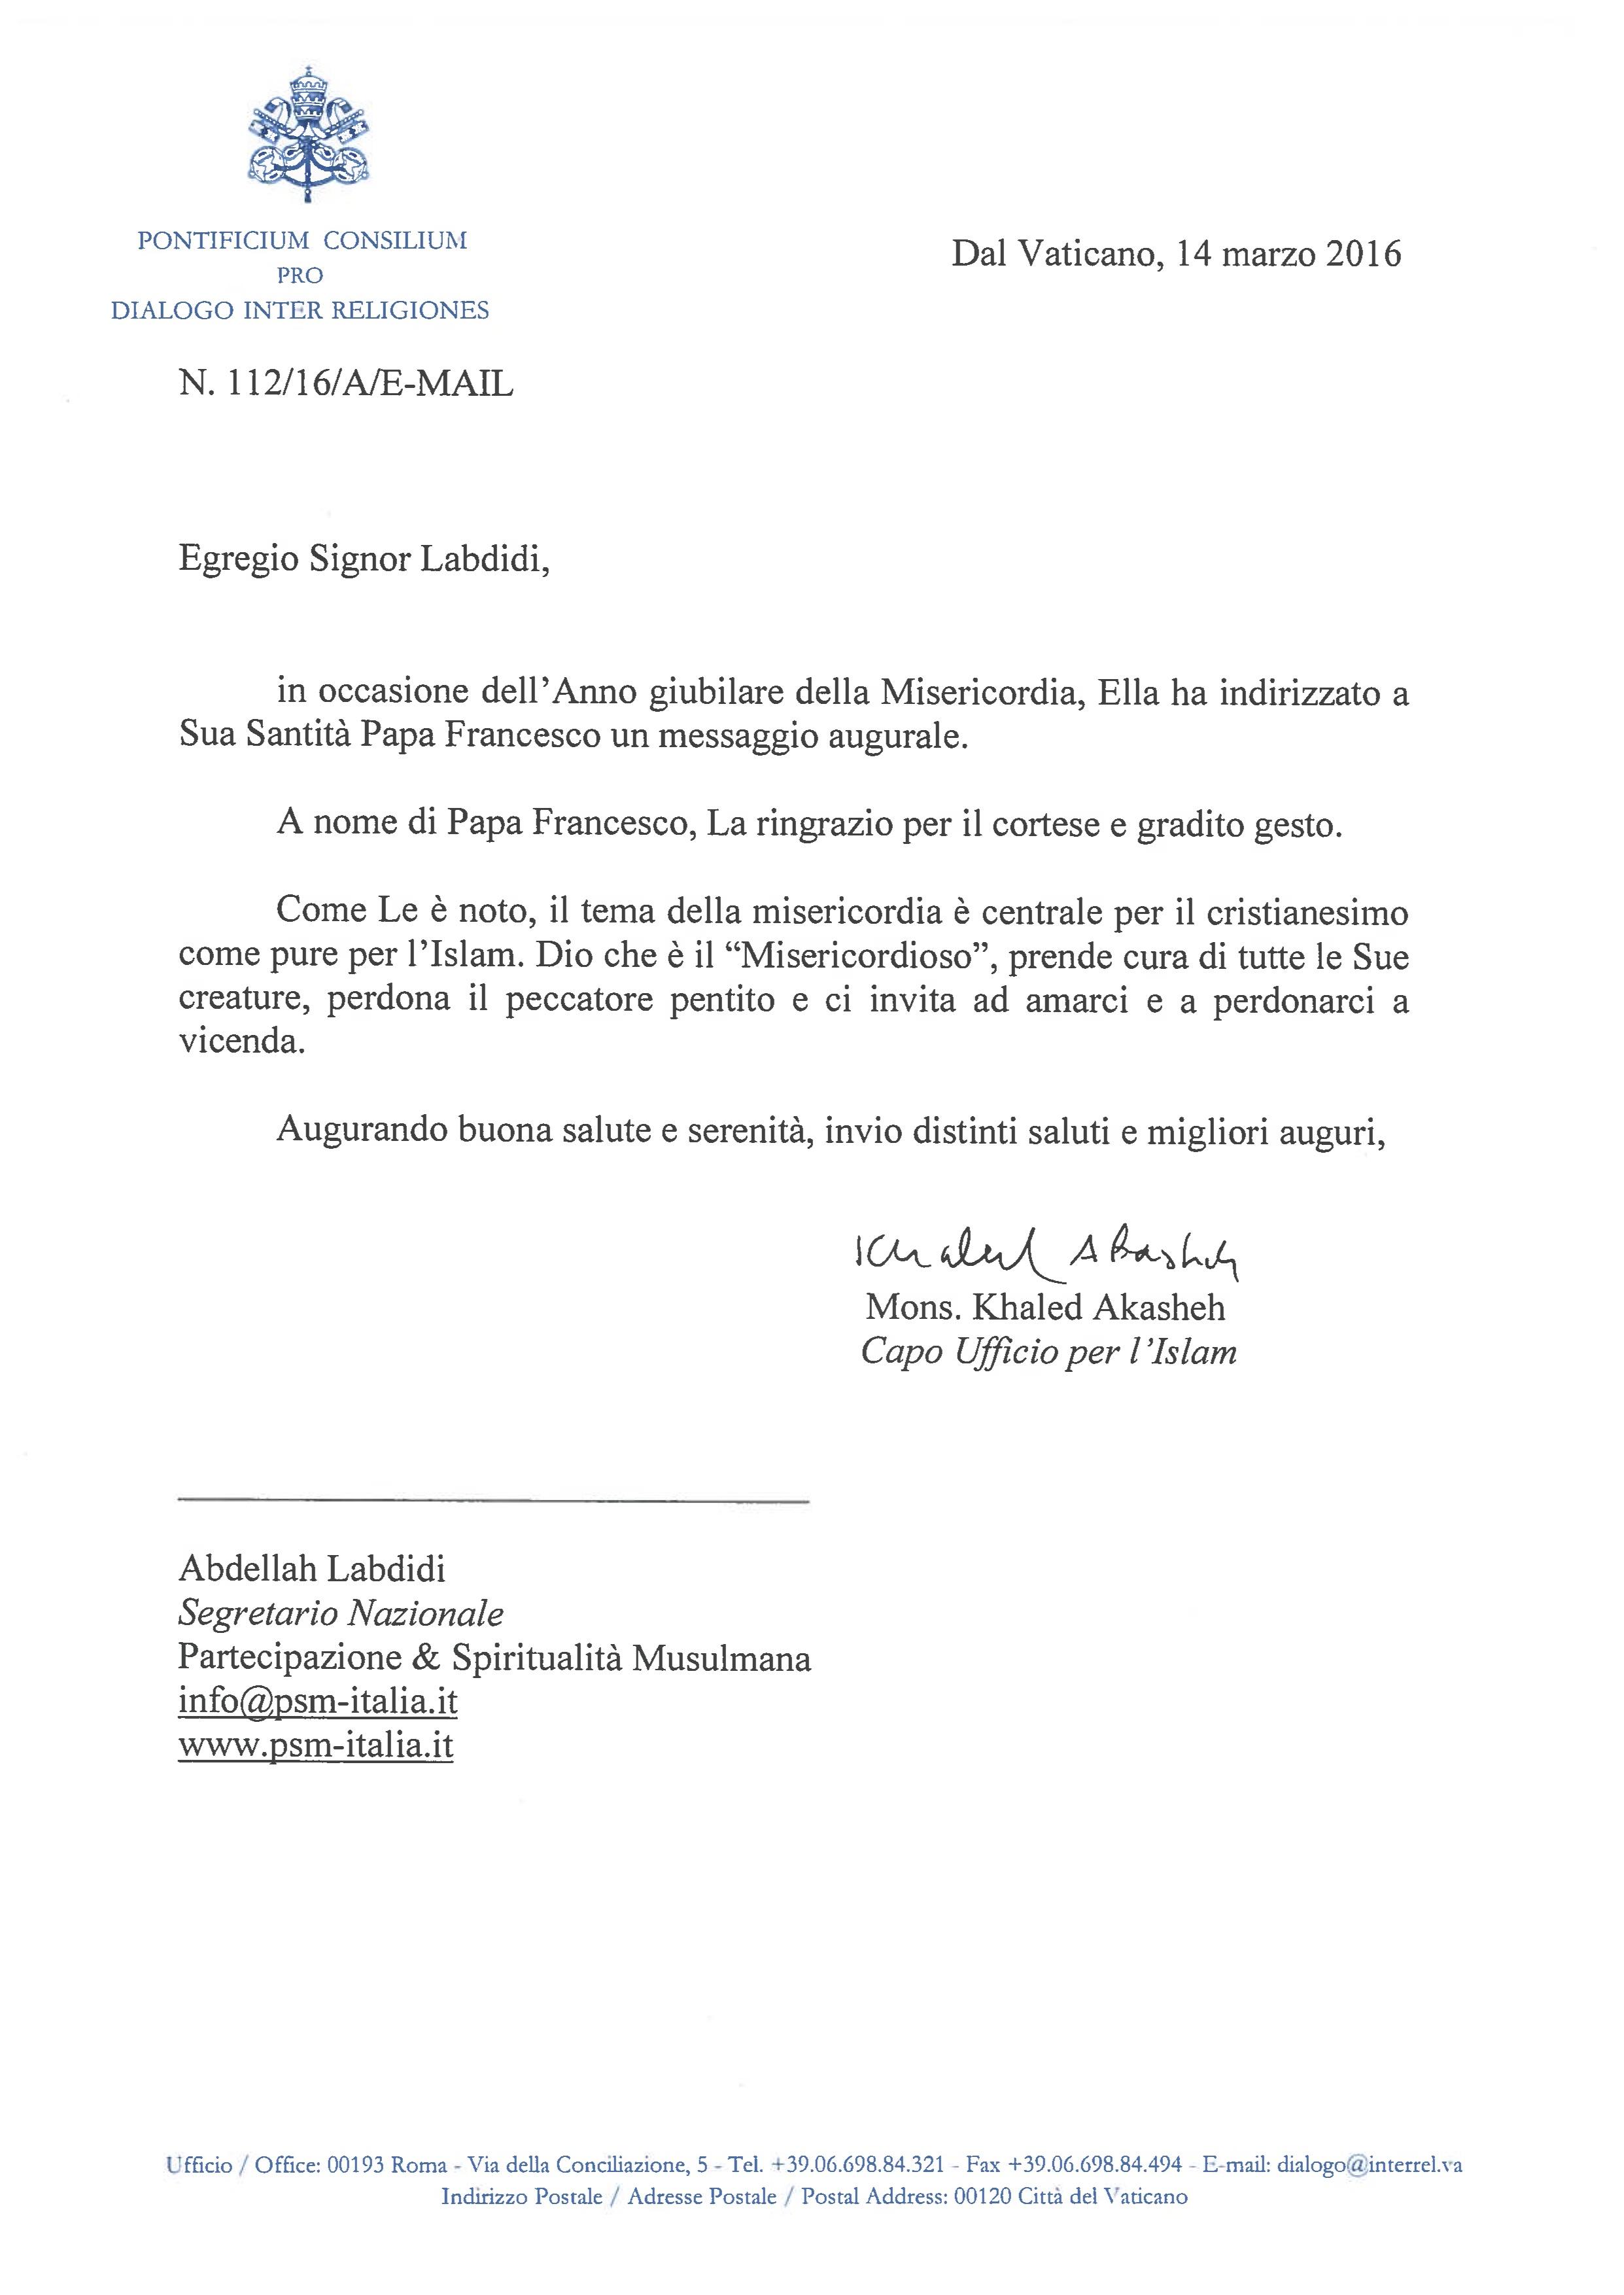 risposta del vaticano alla lettera di auguri per il